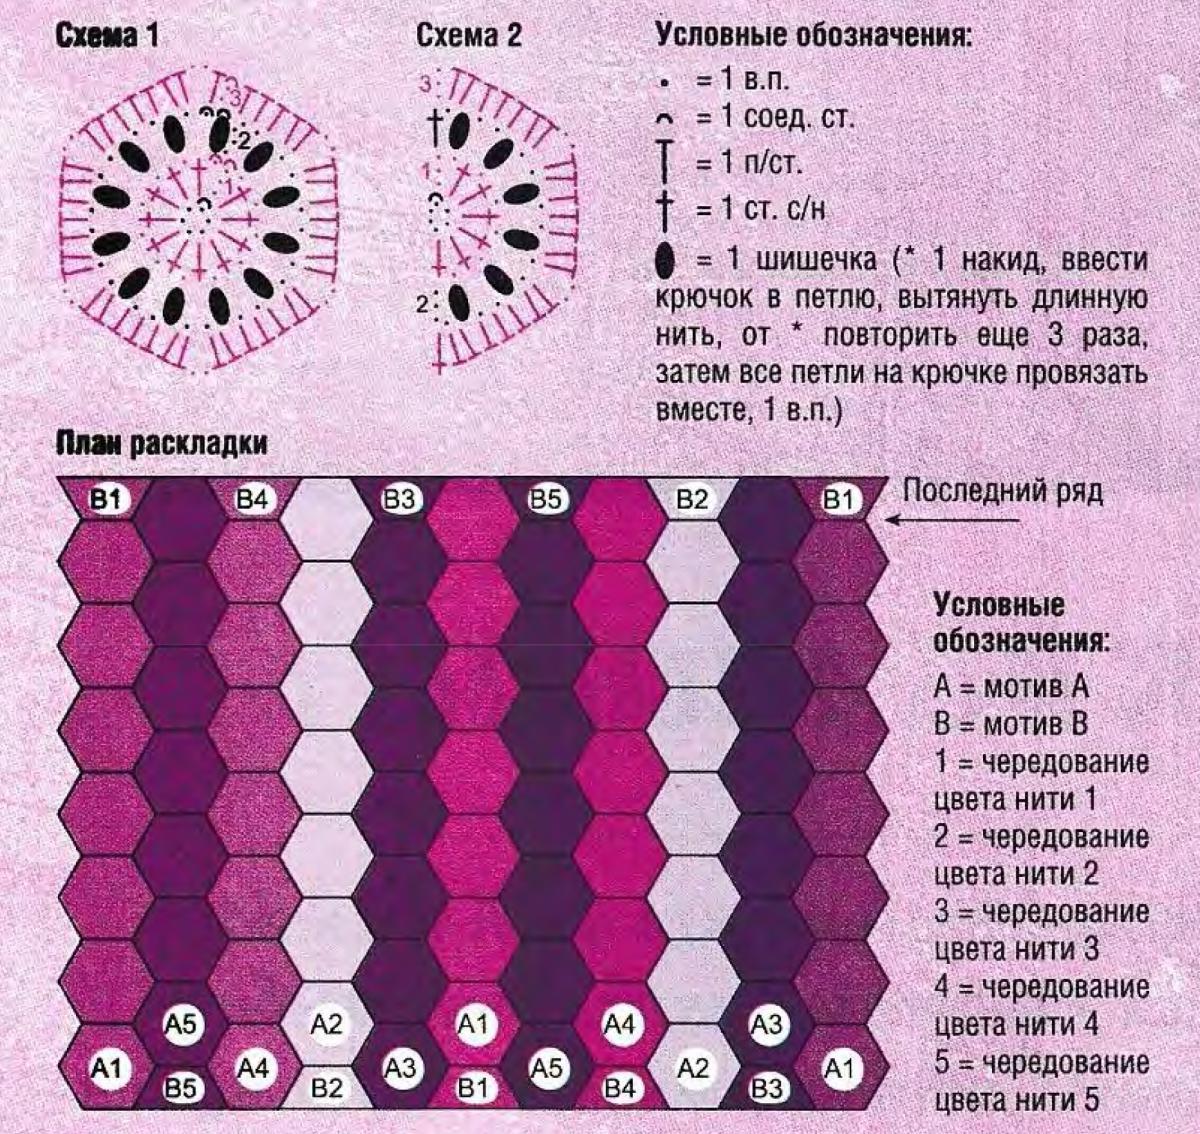 Разноцветная шаль из мотивов крючком схема вязания спицами с подробным описанием бесплатно для женщин